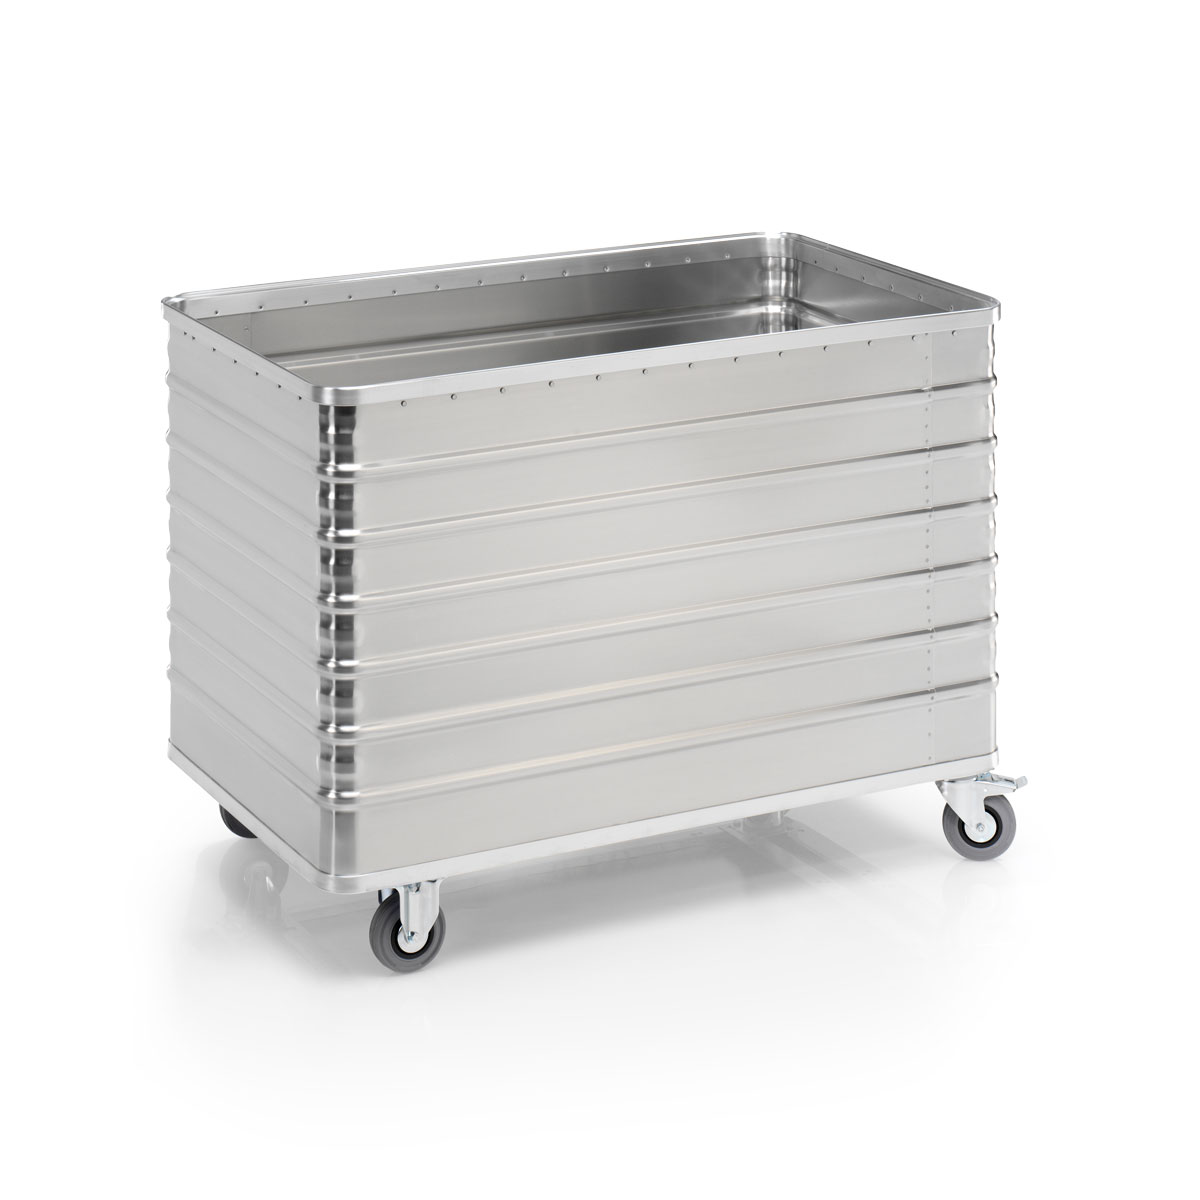 Carros ligeros de aluminio. DISSET ODISEO